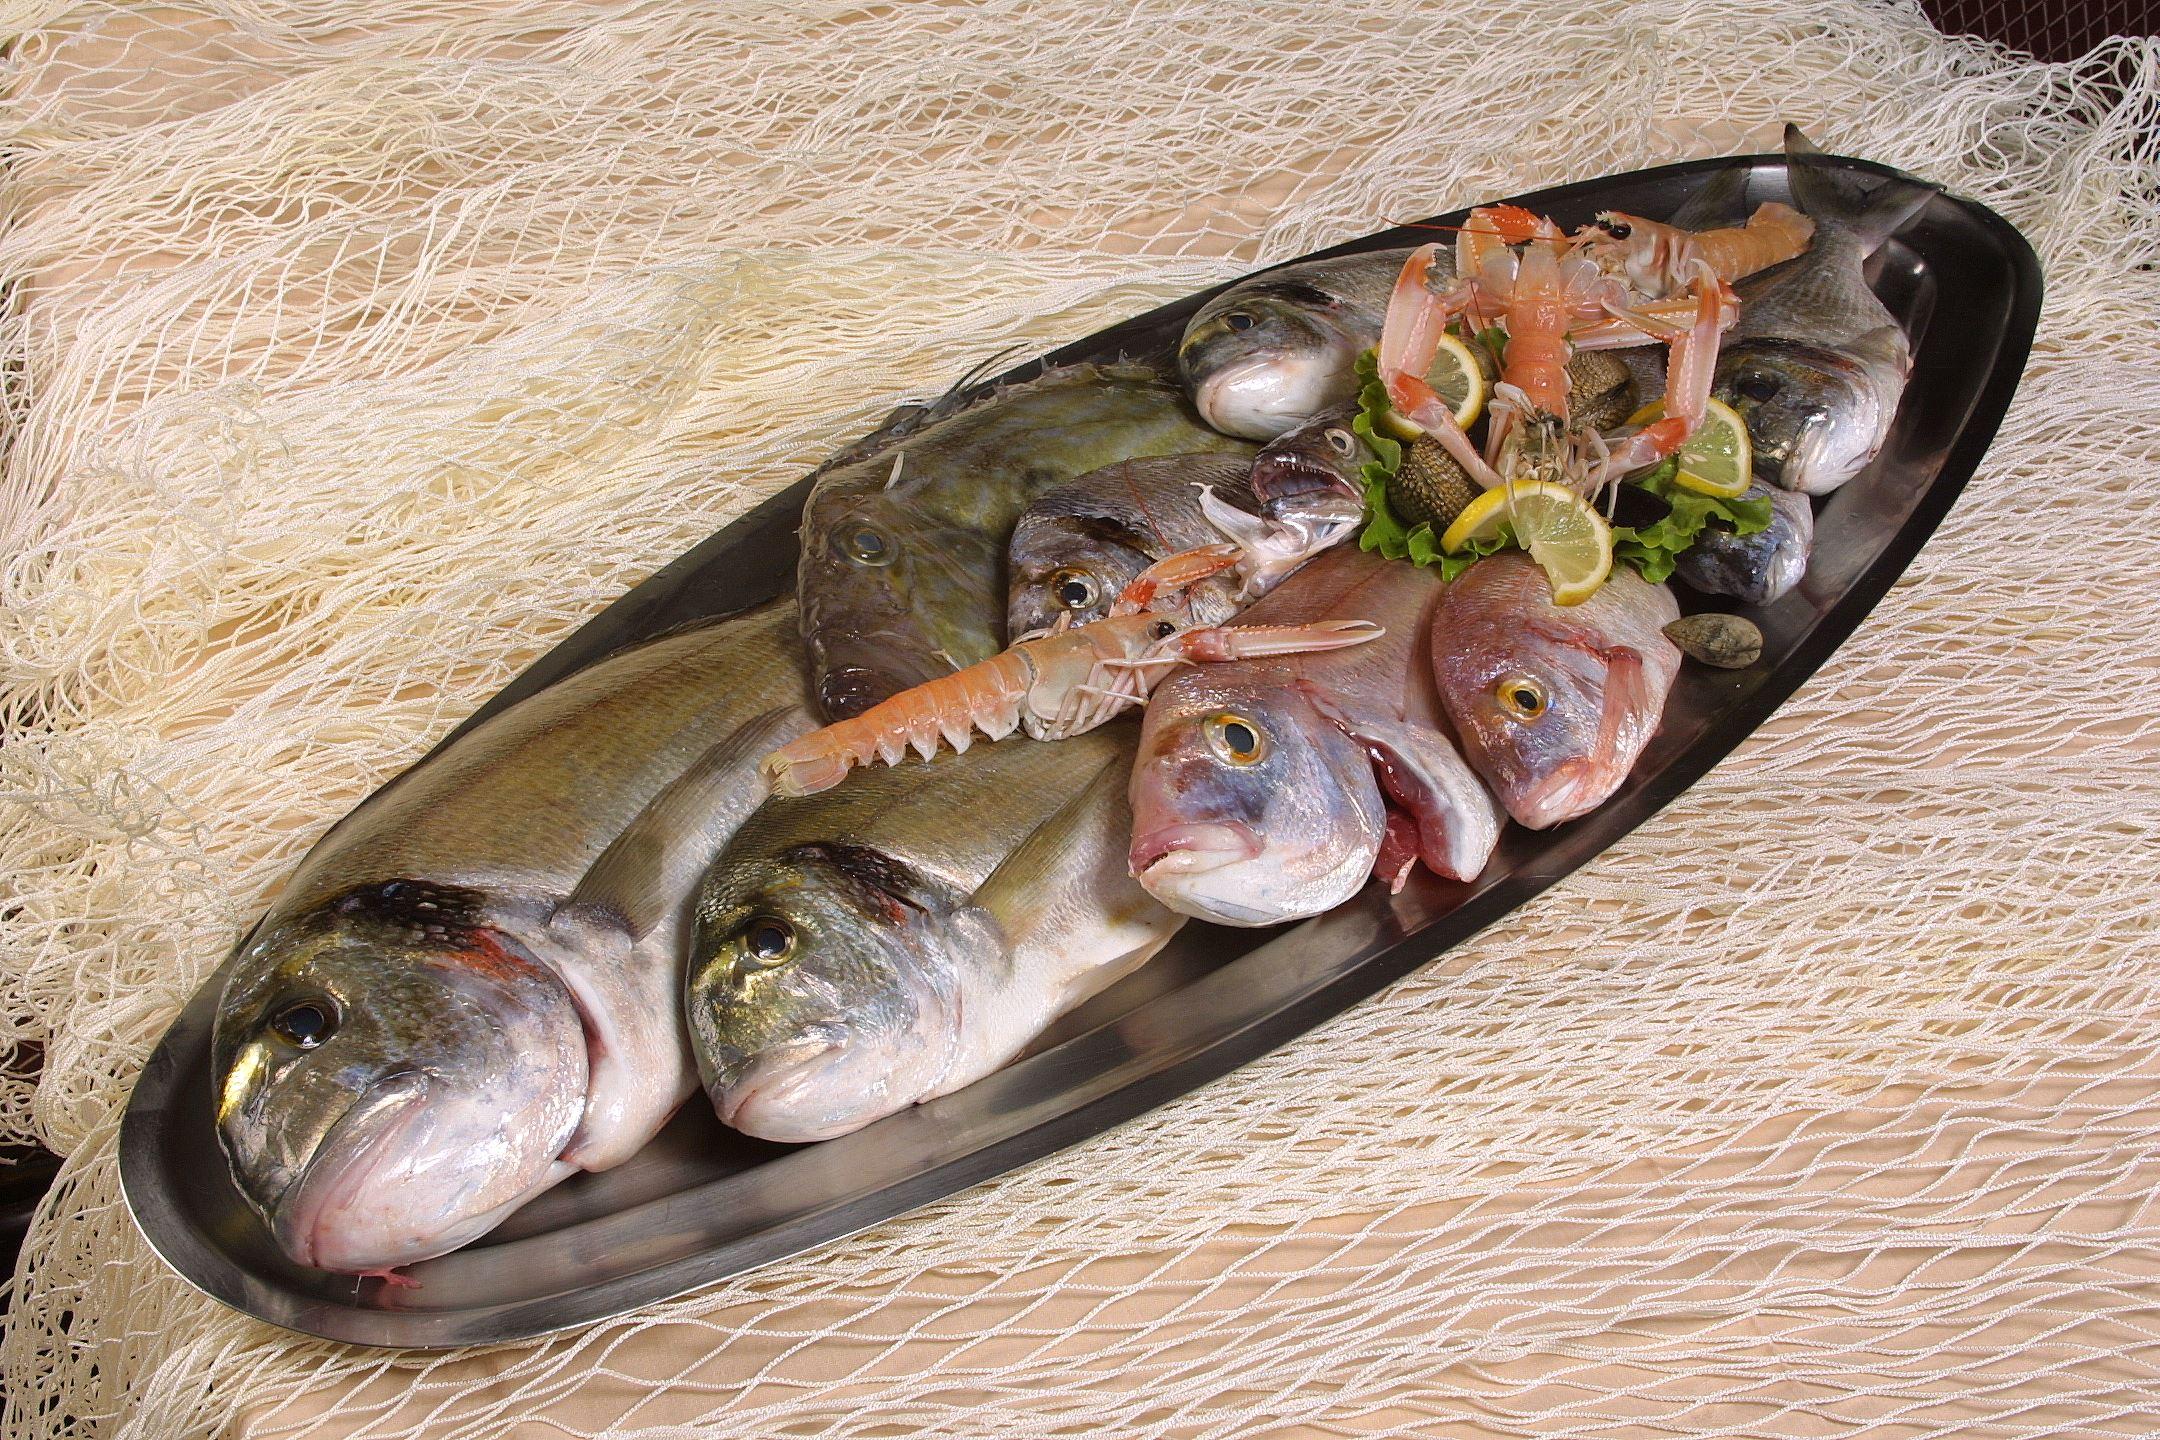 pronađi moje druženje s ribamaupoznavanje emisija na hulu